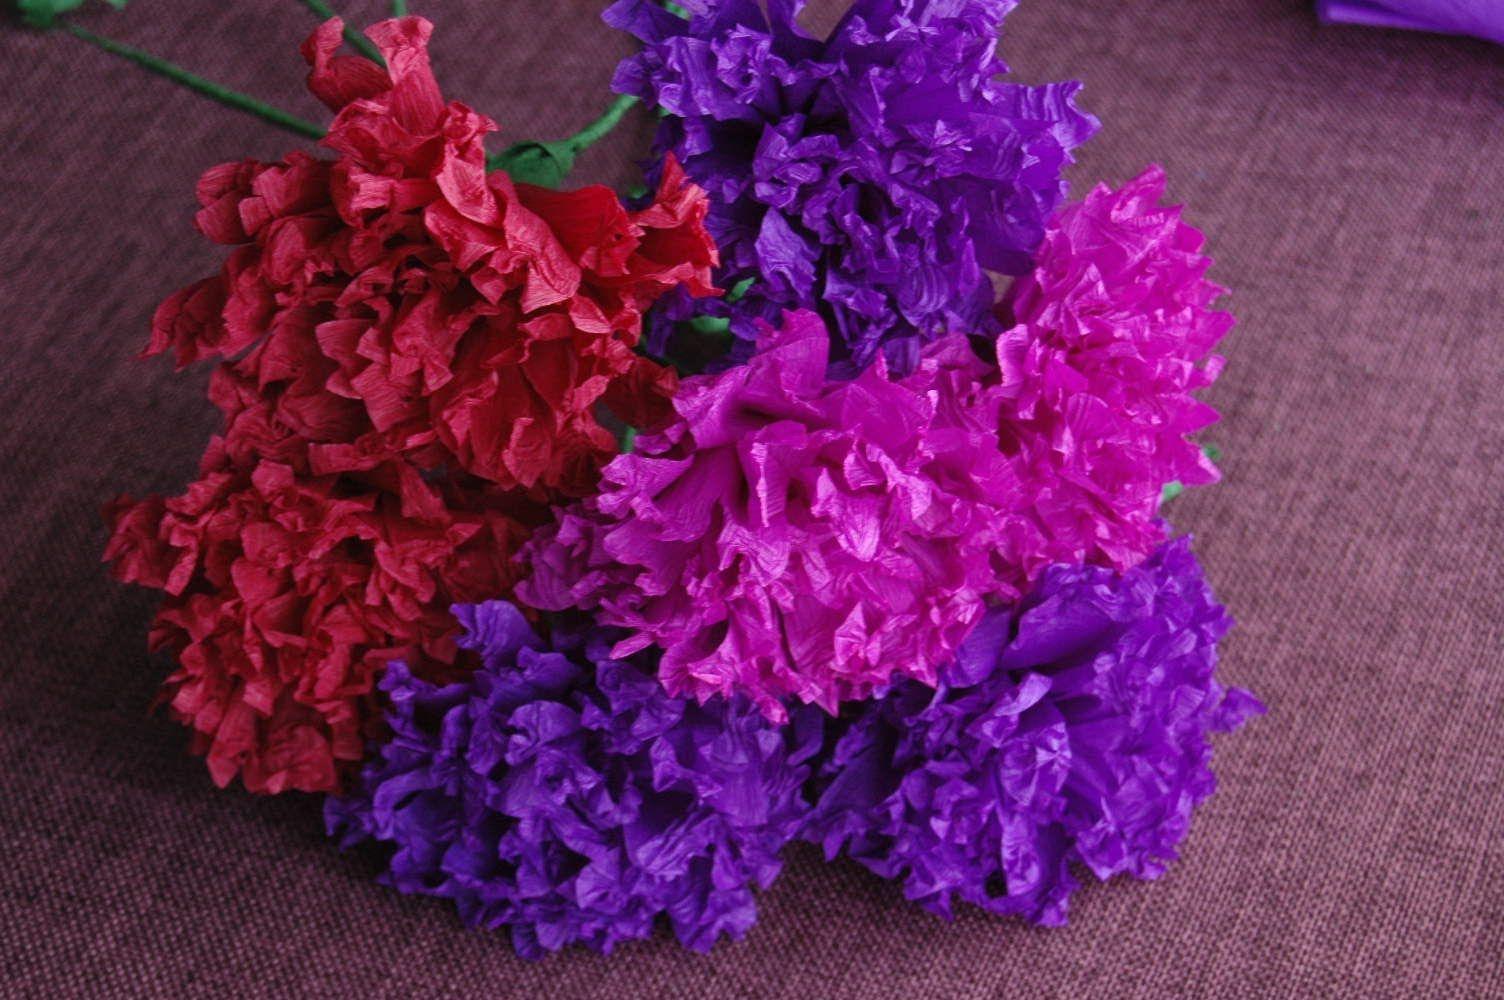 Kwiaty Z Bibuy Paper Crepe Flowers Diy Kwiaty Z Bibuy